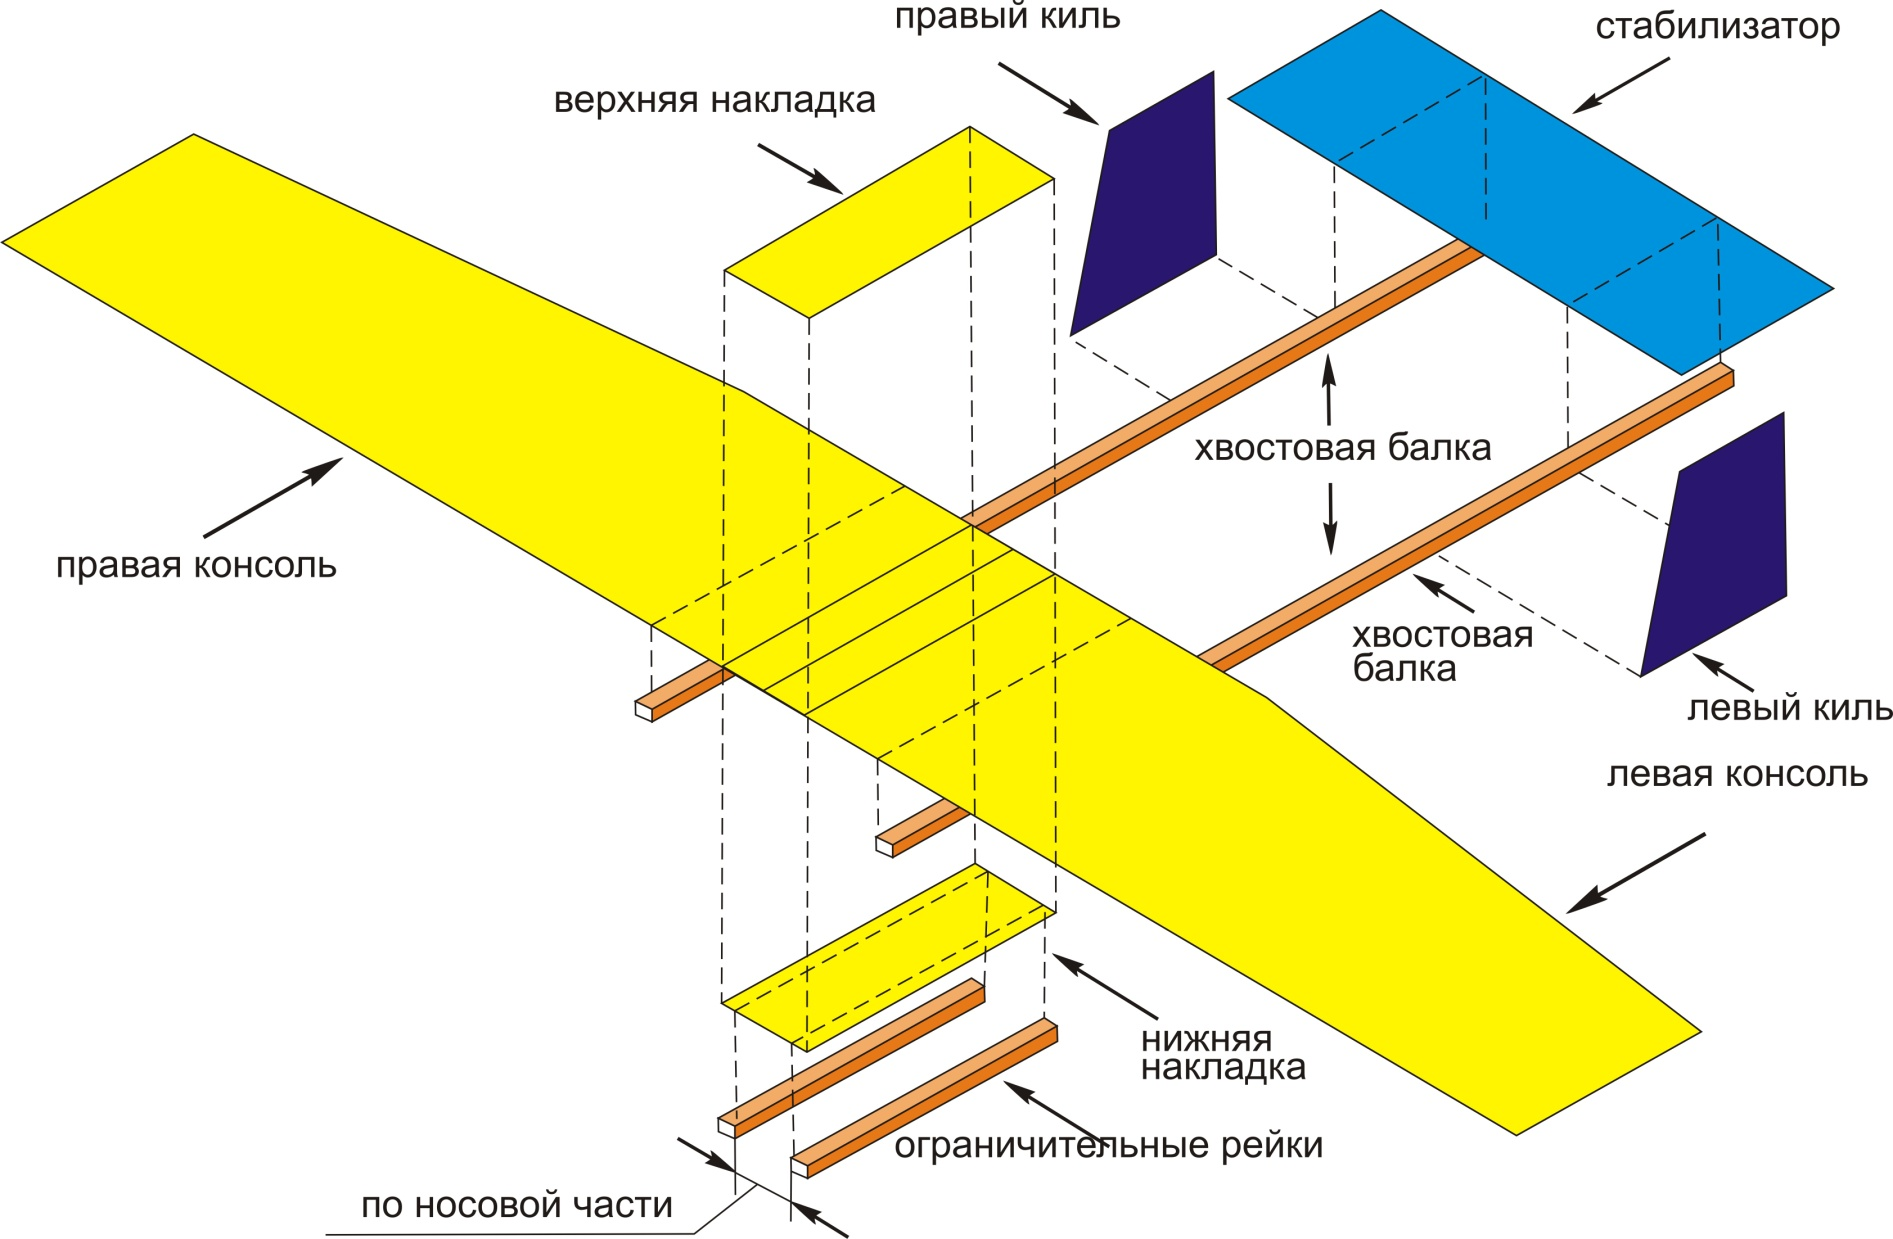 H:\АРХИВ\АВИА\Авиамоделизм\Бумажные модели\металки\схема сборки юниор.jpg